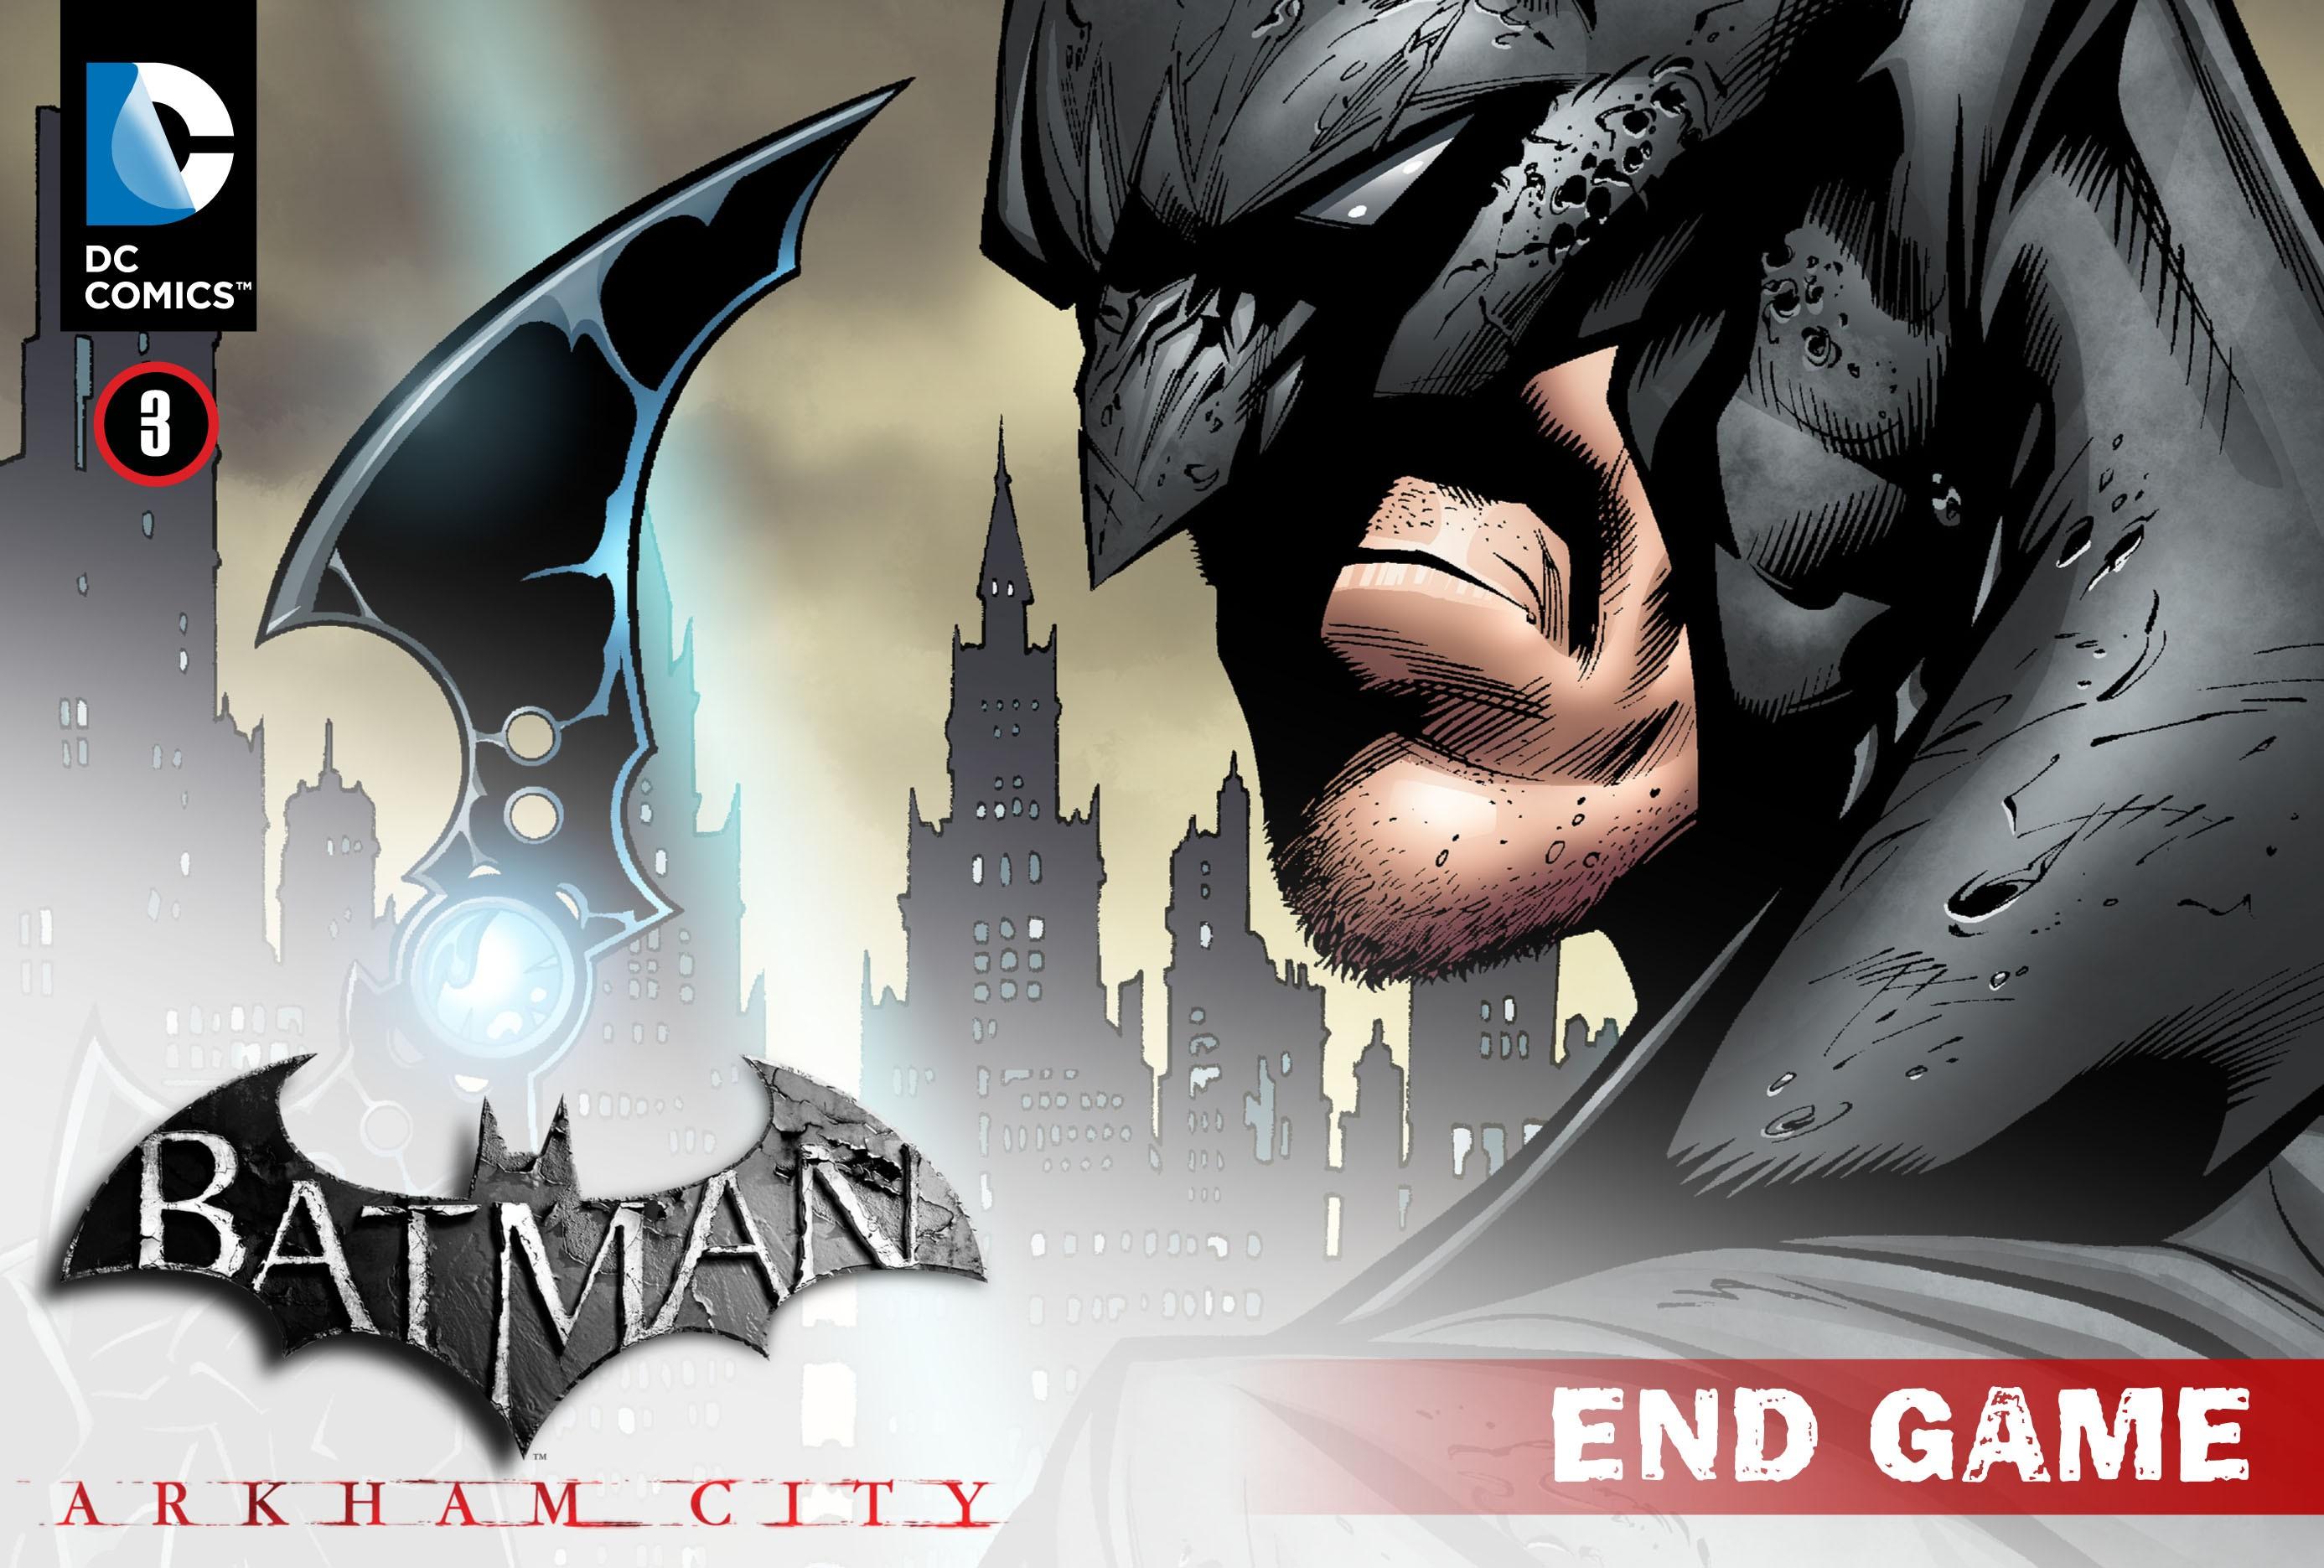 Batman: Arkham City: End Game 3 Page 1